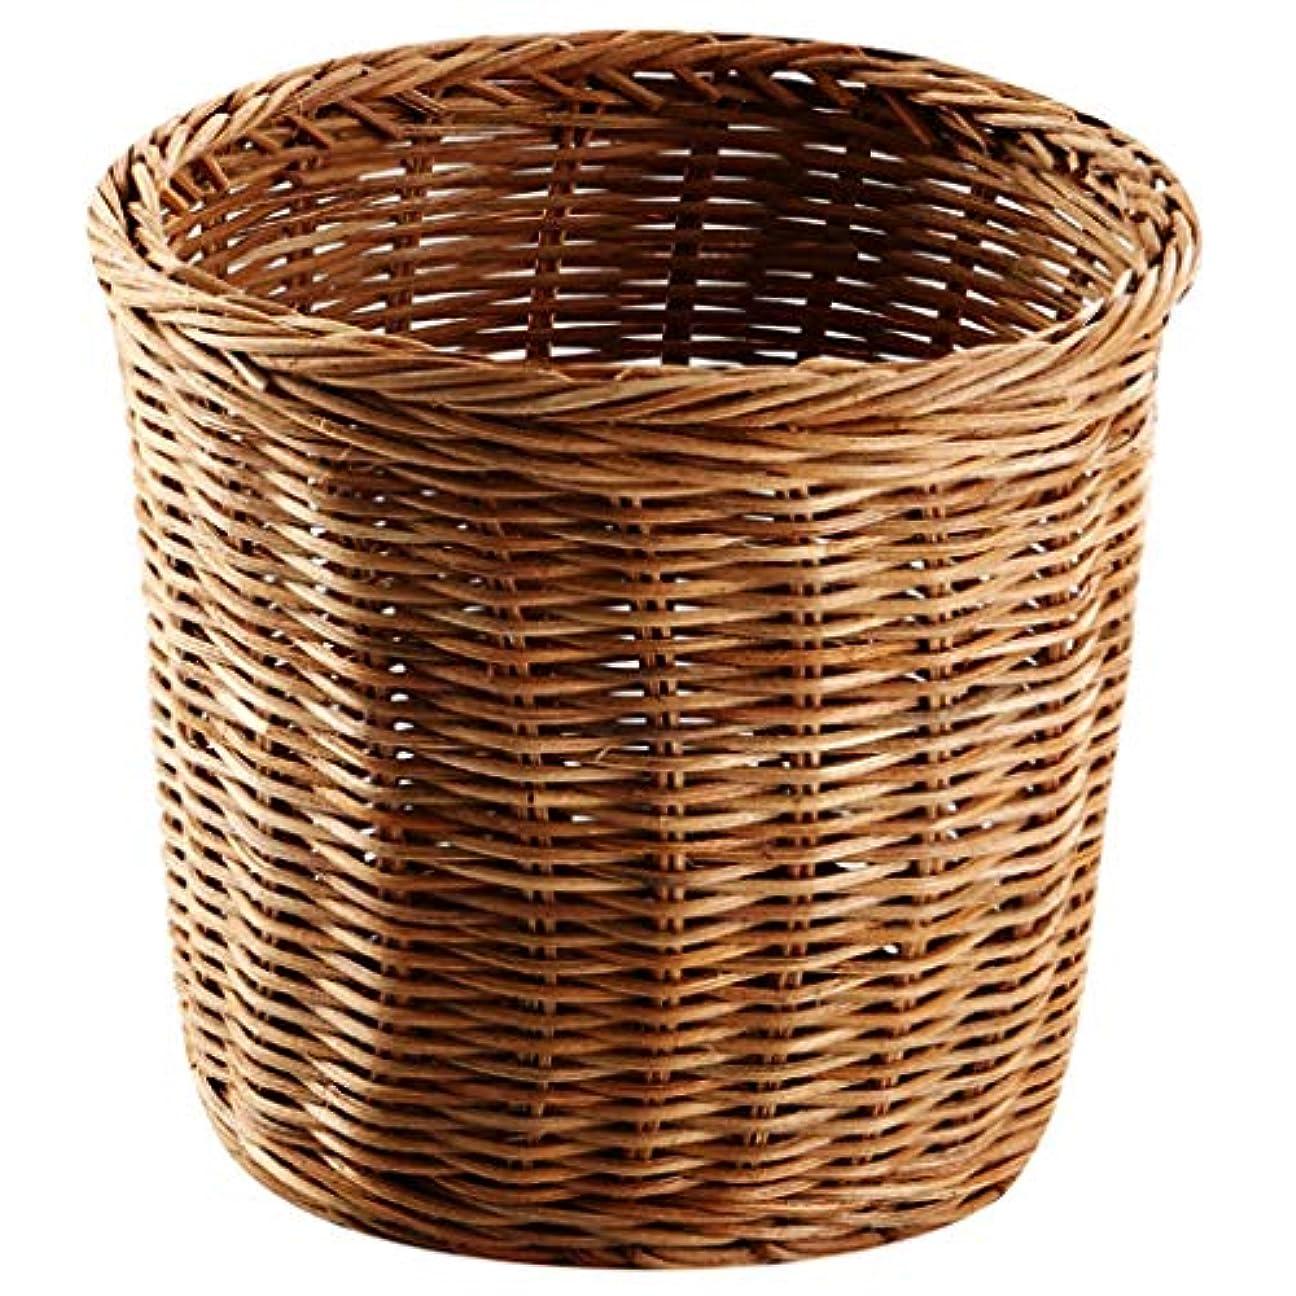 に対応ツールサルベージQYSZYG 植物籐貯蔵バスケット紙バスケット乾燥花バスケット装飾デザインスタイルの収納バスケット、サイズオプション 収納バスケット (サイズ さいず : 13*13*10cm)